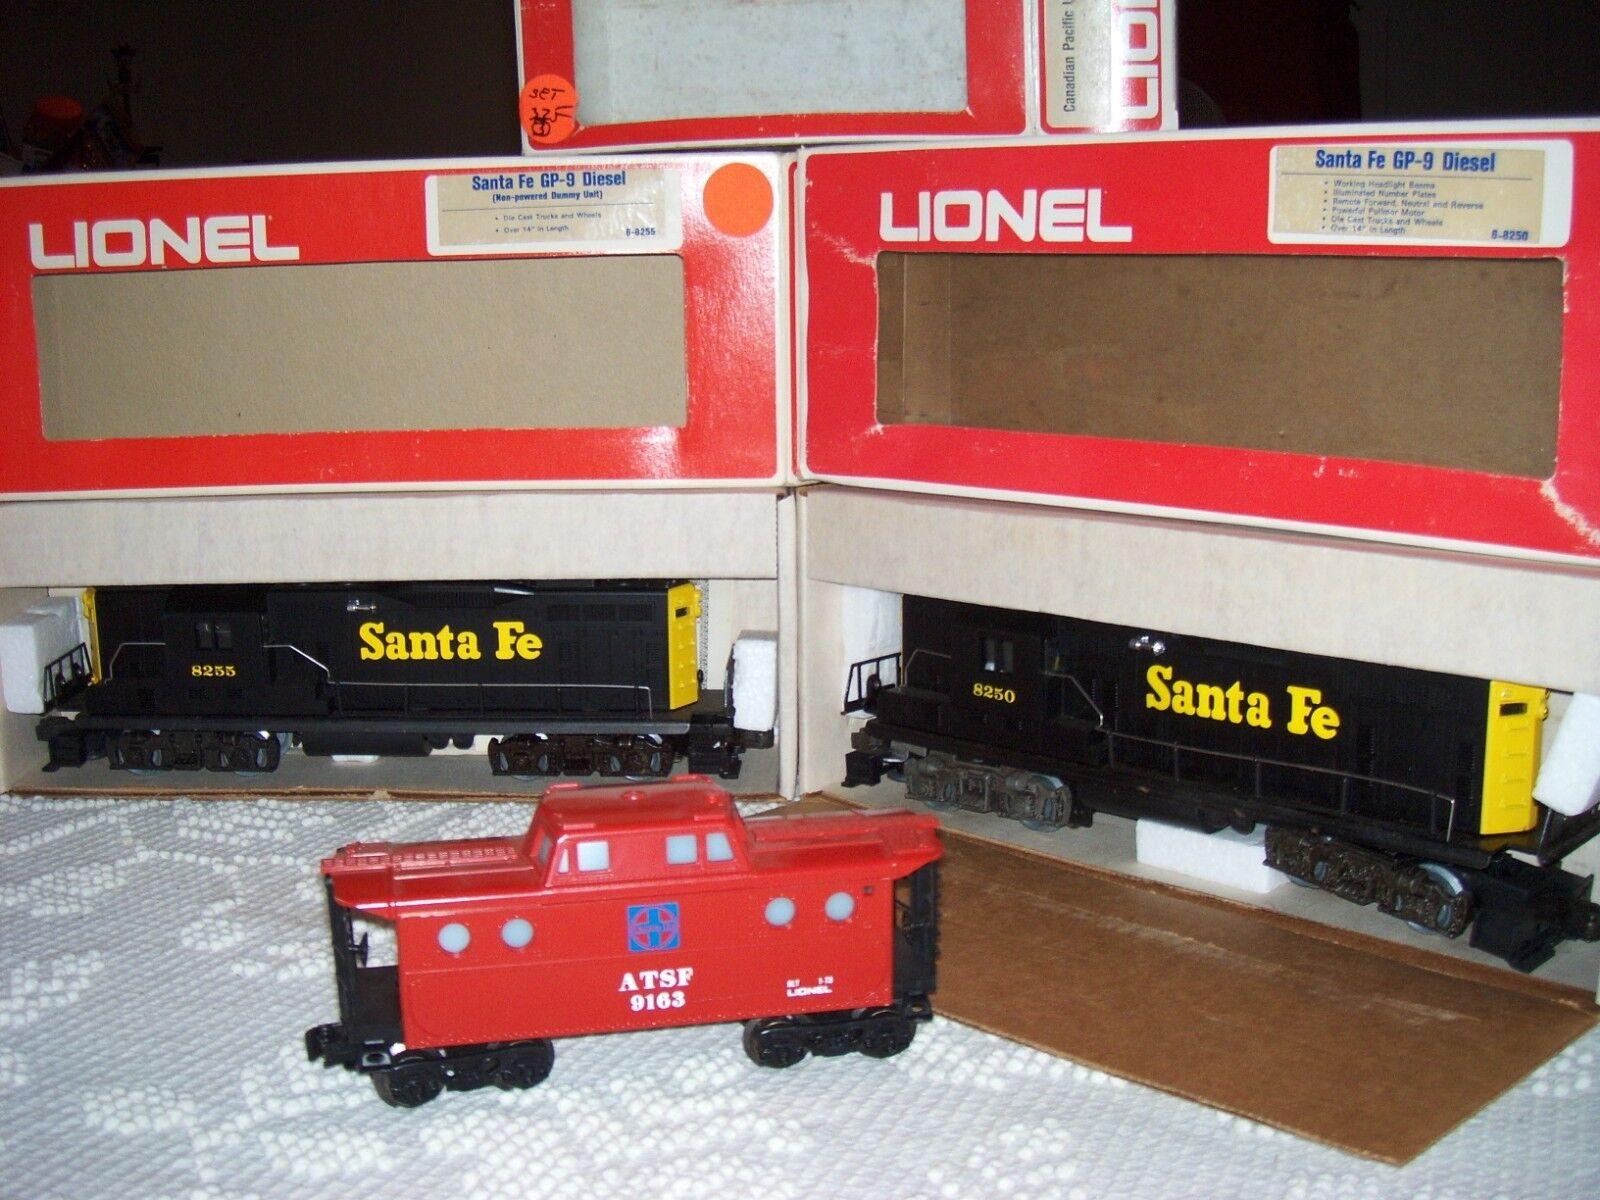 Lionel Santa Fe GP-9 Diesel Engine, Dummy Unit, & caboose w/ Boxes